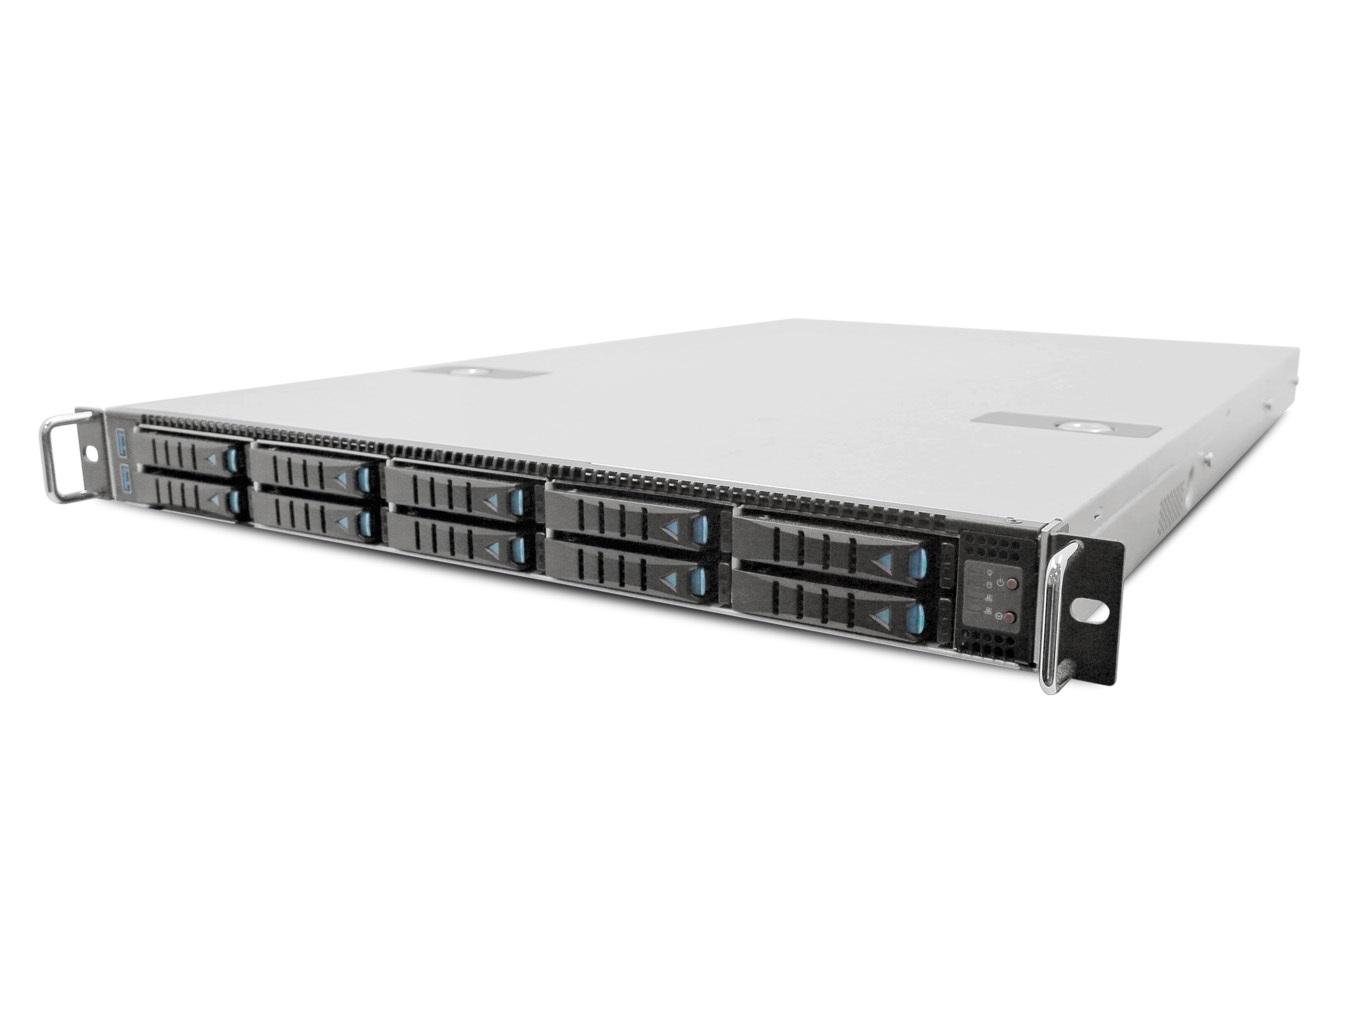 AIC RSC-1AT XE1-1AT00-02 1U SAS/SATA Storage Server Chassis